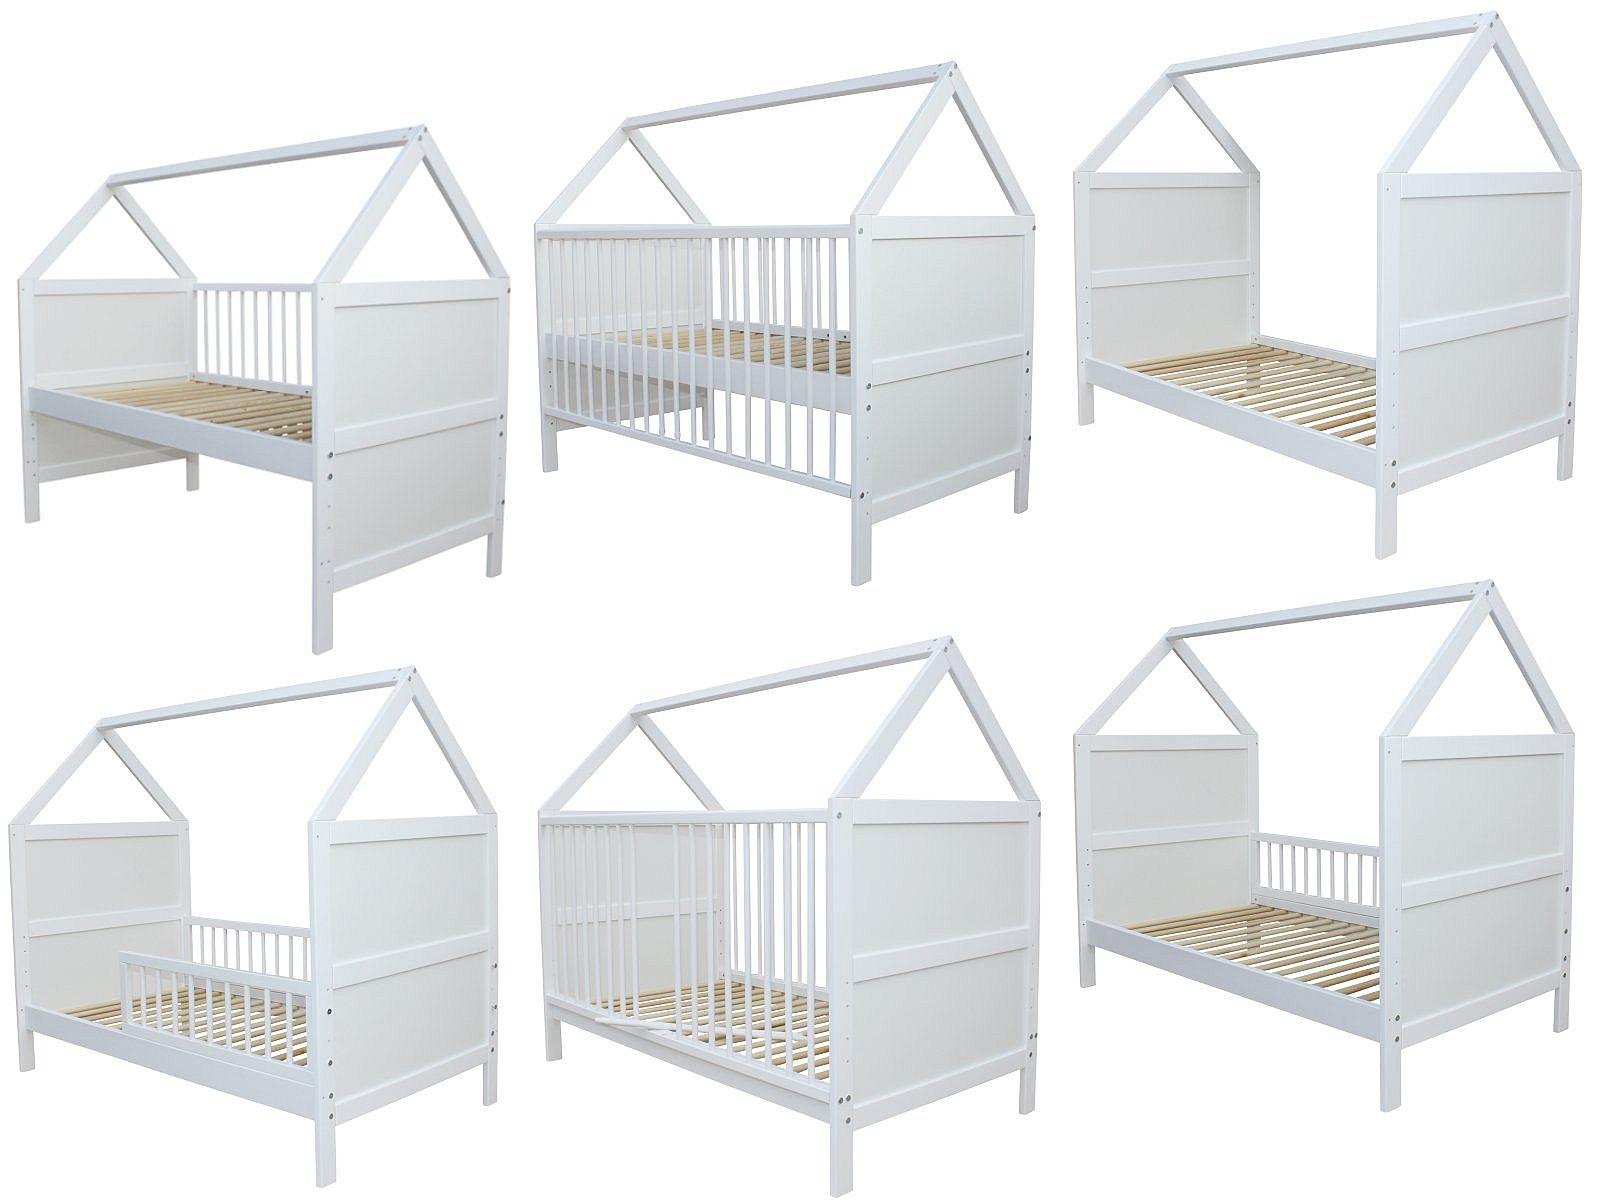 Micoland - Babybett Kinderbett Juniorbett Bett Haus 140x70 cm ...